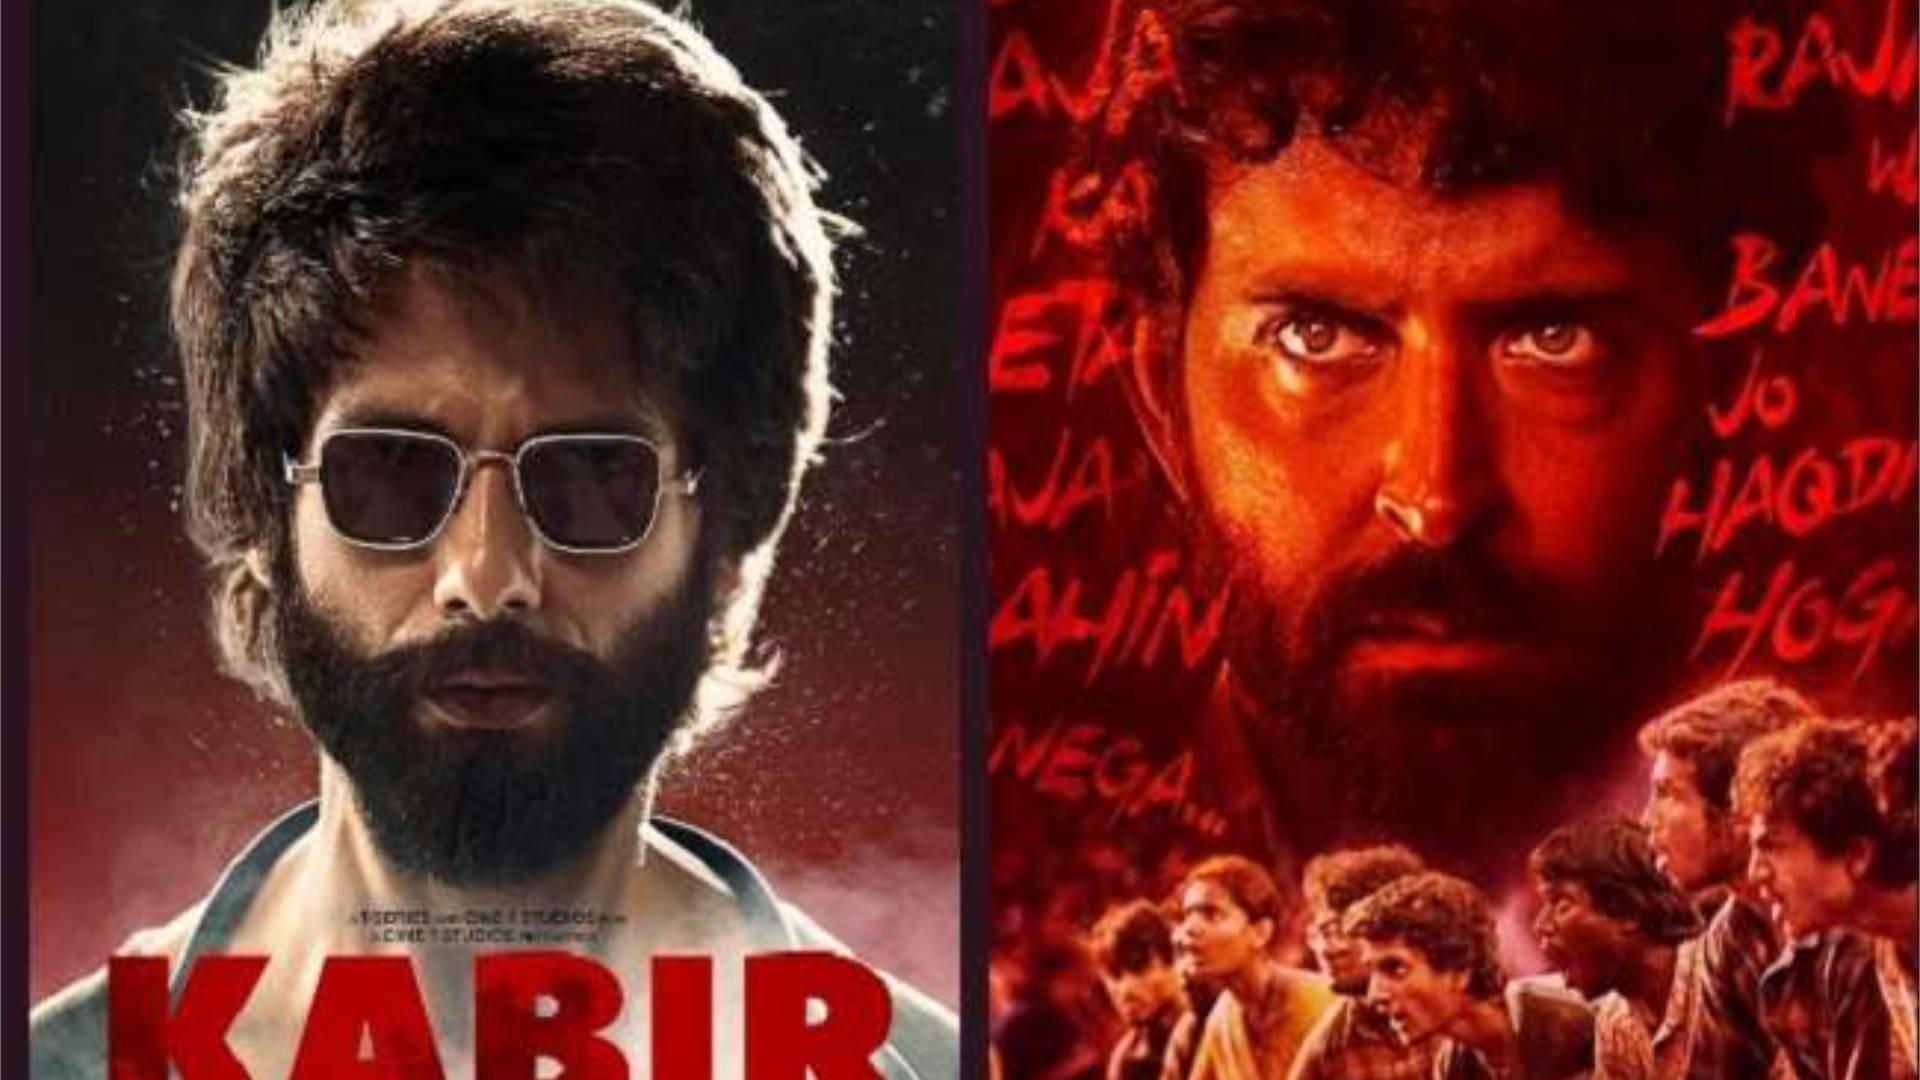 2019 में कमाई के मामले में ये बॉलीवुड फिल्में रहीं हिट, सुपर 30 समेत इन फिल्मों ने किया 150 करोड़ का आंकड़ा पार